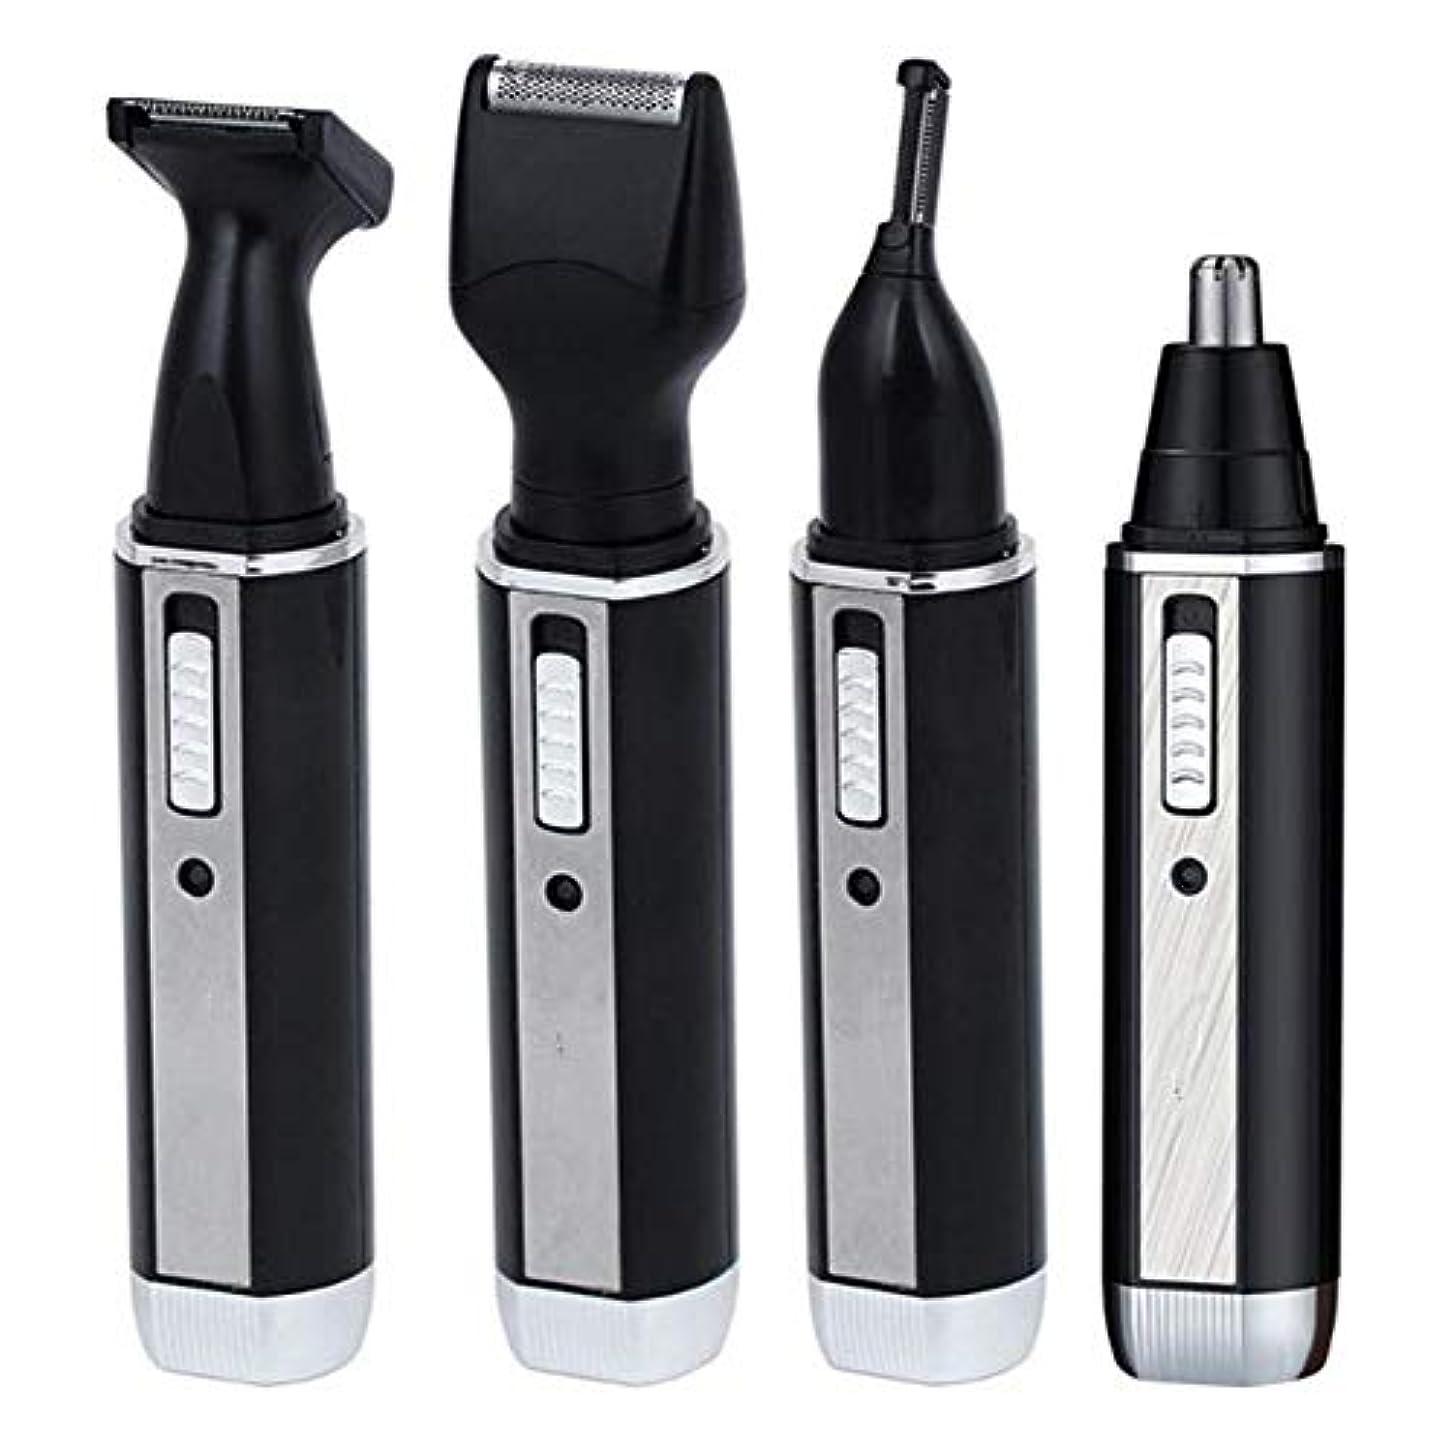 旅十分に奨励充電鼻毛トリマー、男性と女性のための4-1 - 多機能散髪ひげ鼻耳トリマー充電式美容キット